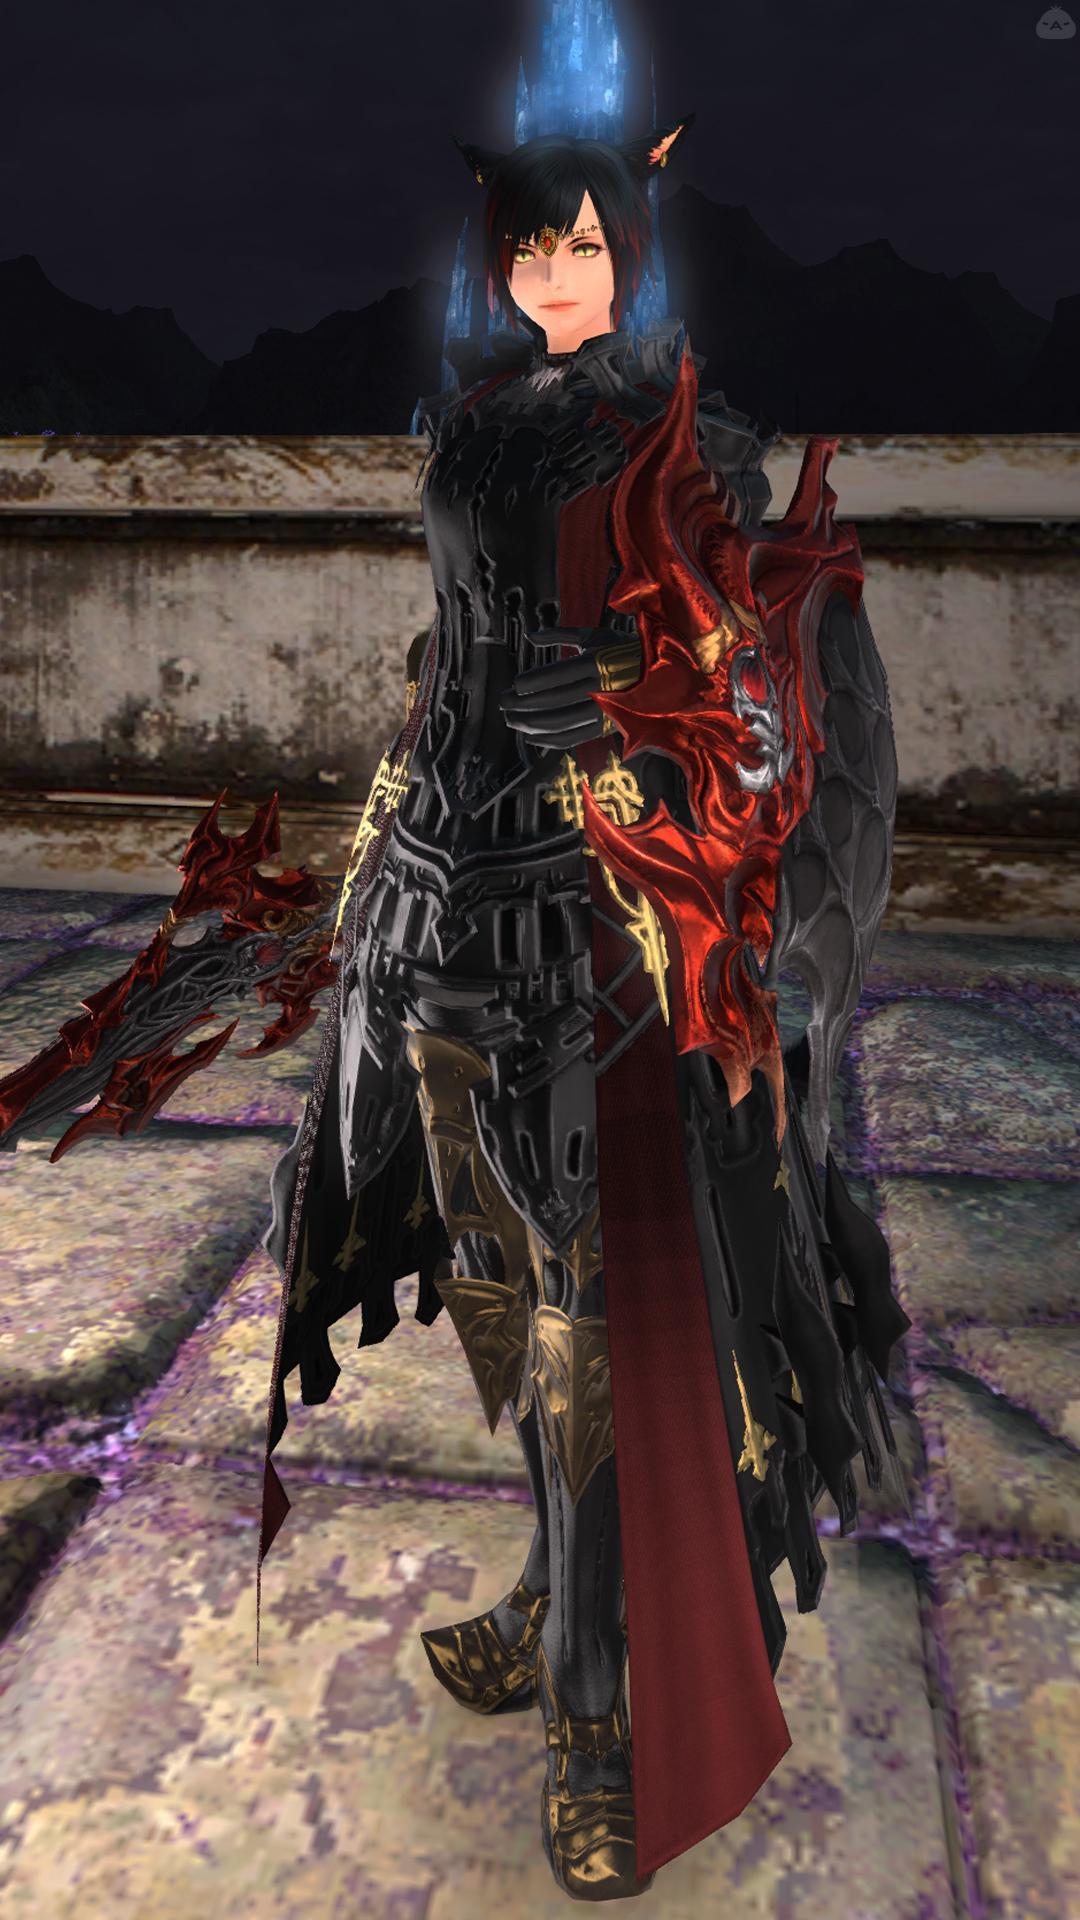 闇の赤騎士